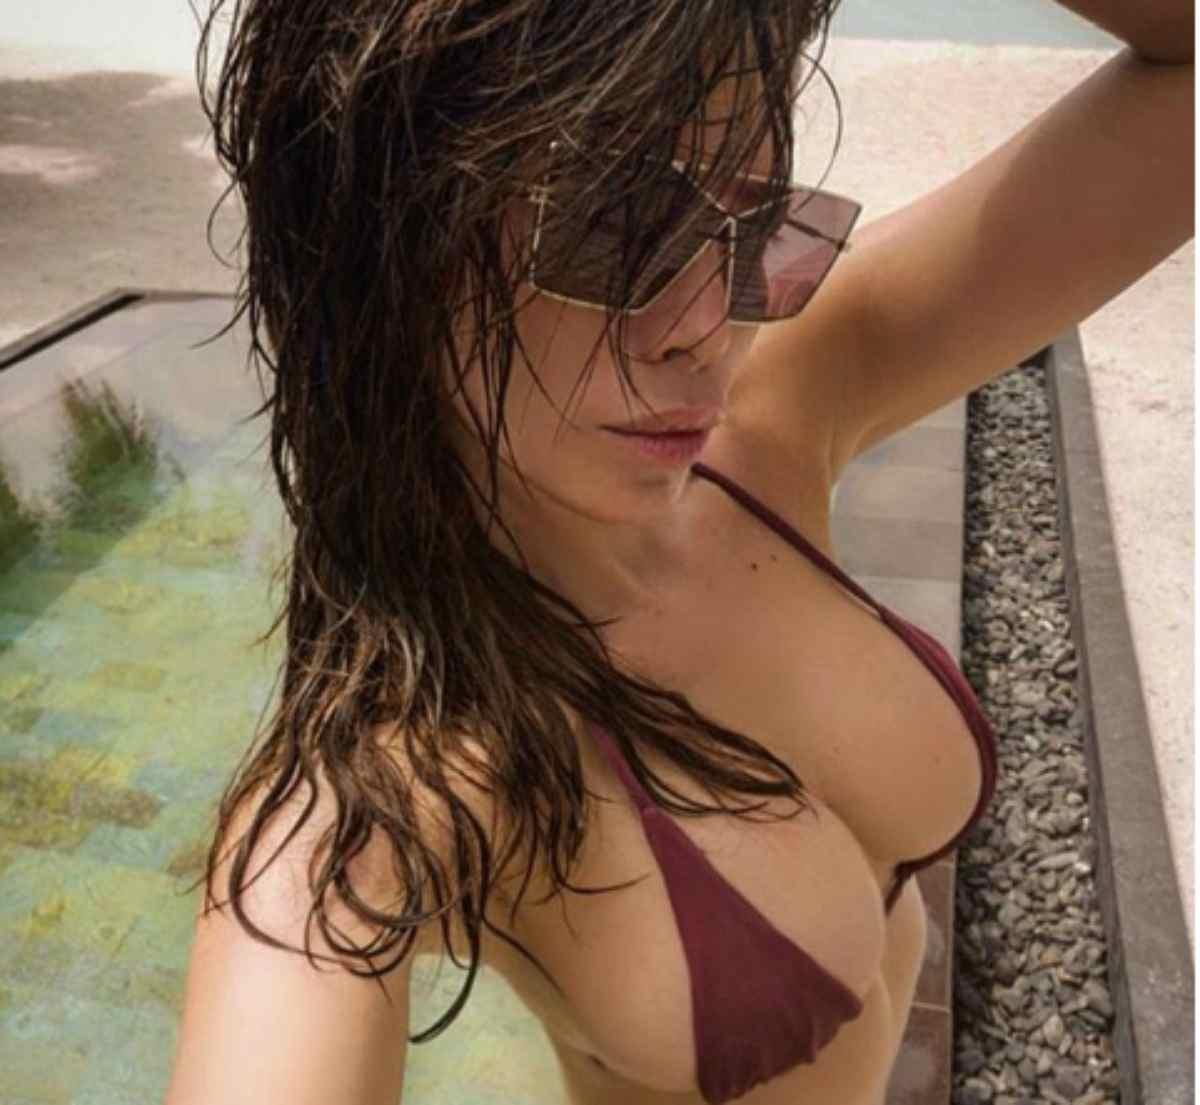 Aida Yespica da urlo, il bikini è troppo piccolo